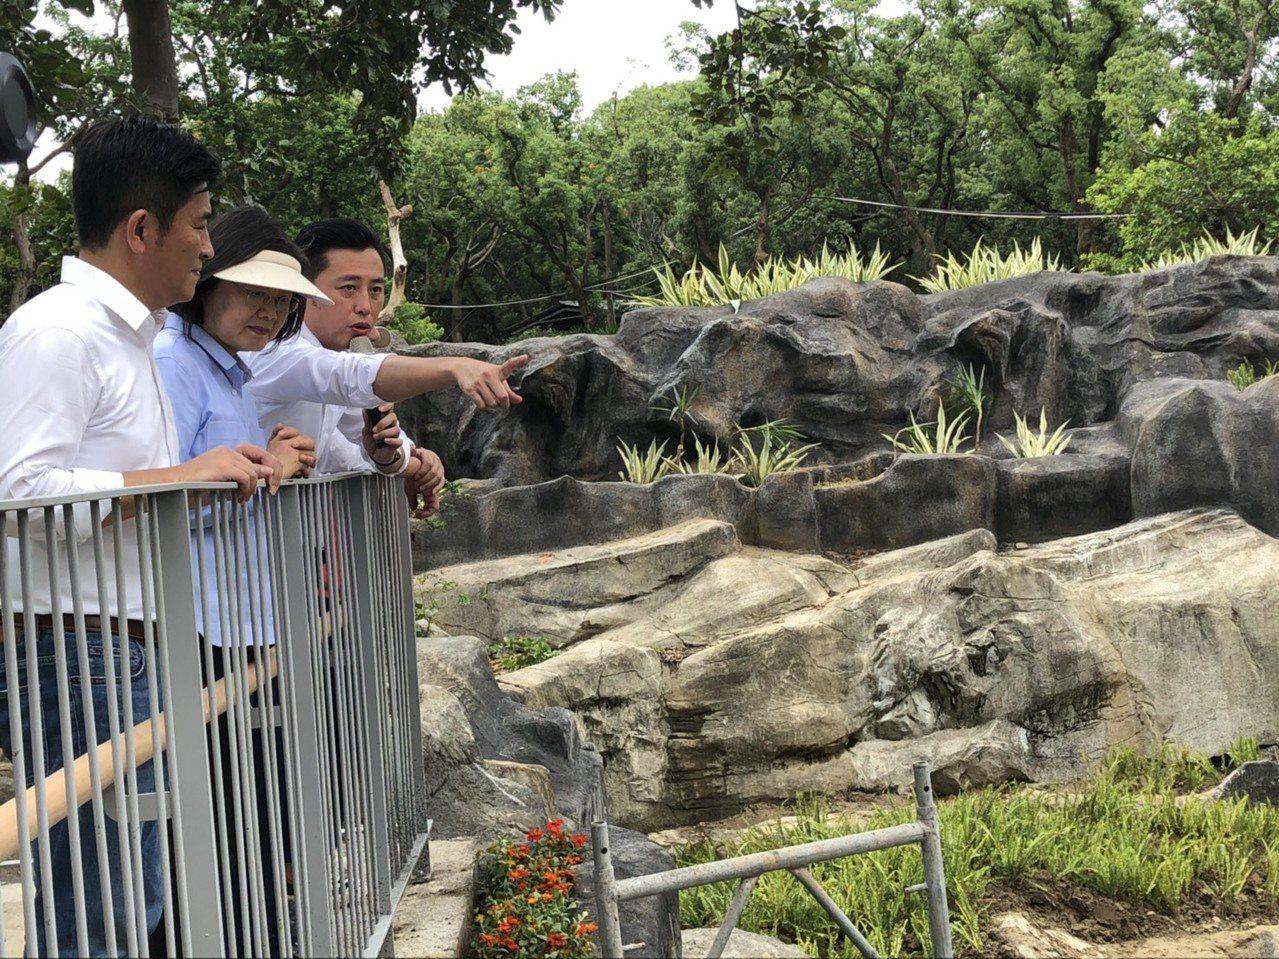 蔡英文總統今天參訪新竹市立動物園改造工程及體驗動物園夏日遊環境教育工程。記者王駿...